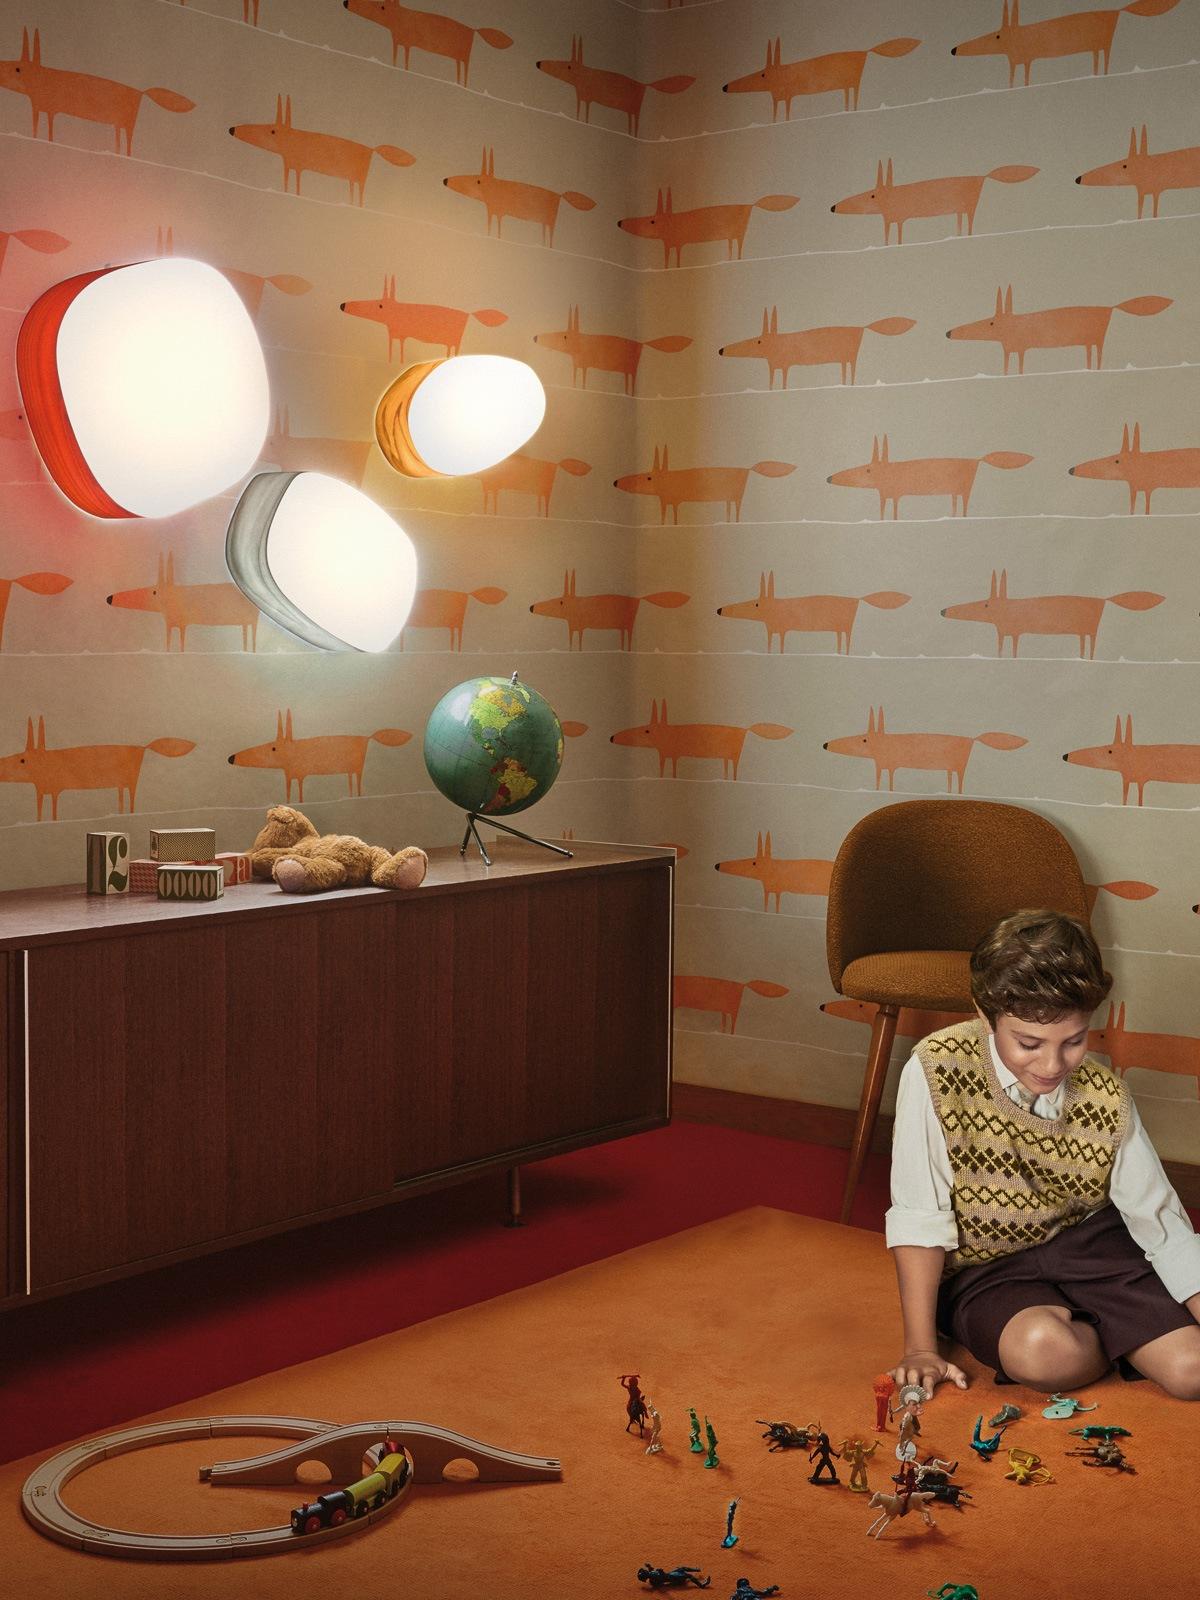 DesignOrt Blog: Guijarros LZF Lamps Holzleuchten für Wand oder Decke in 11 Farben DesignOrt Lampen